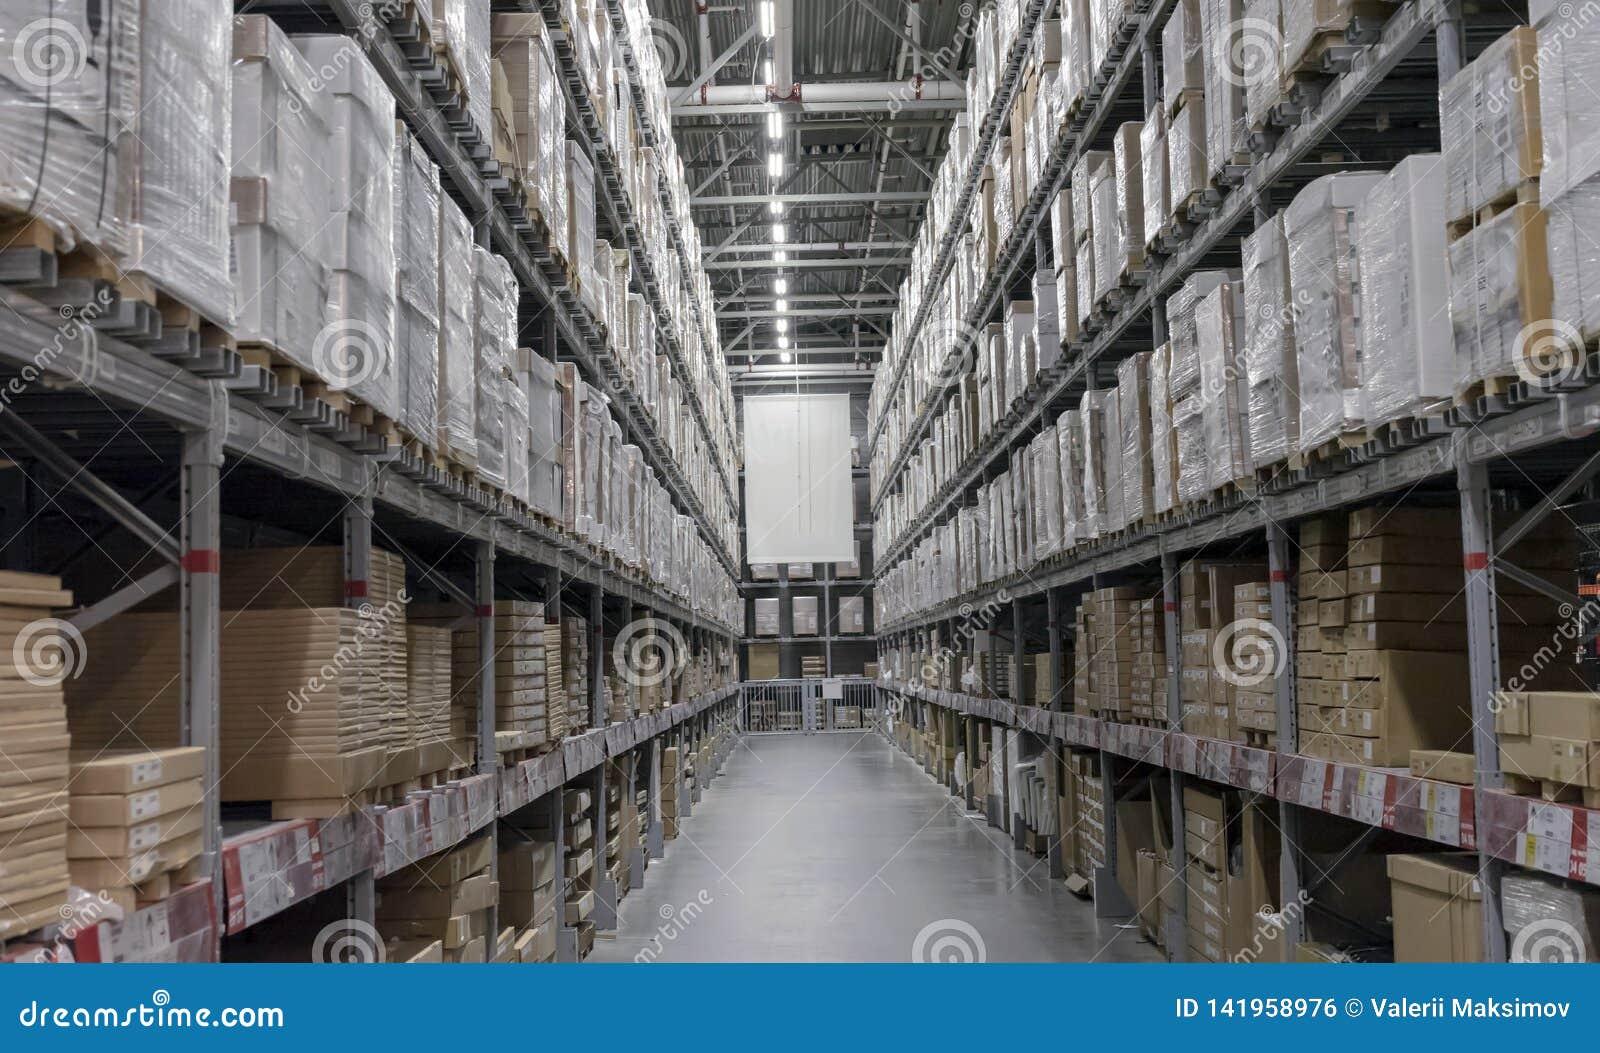 Entrepôt avec des boîtes sur des étagères et des supports